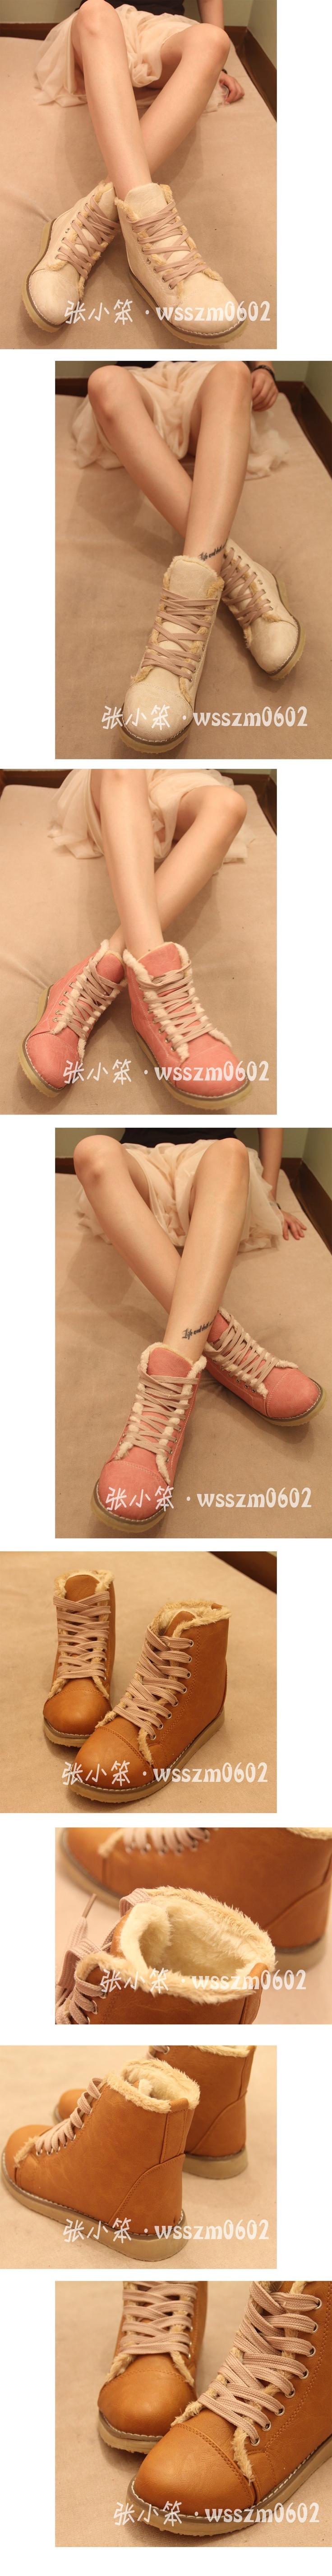 這雙鞋超可愛的~~圓頭加毛飾!!真的被萌到了~~taobao淘寶